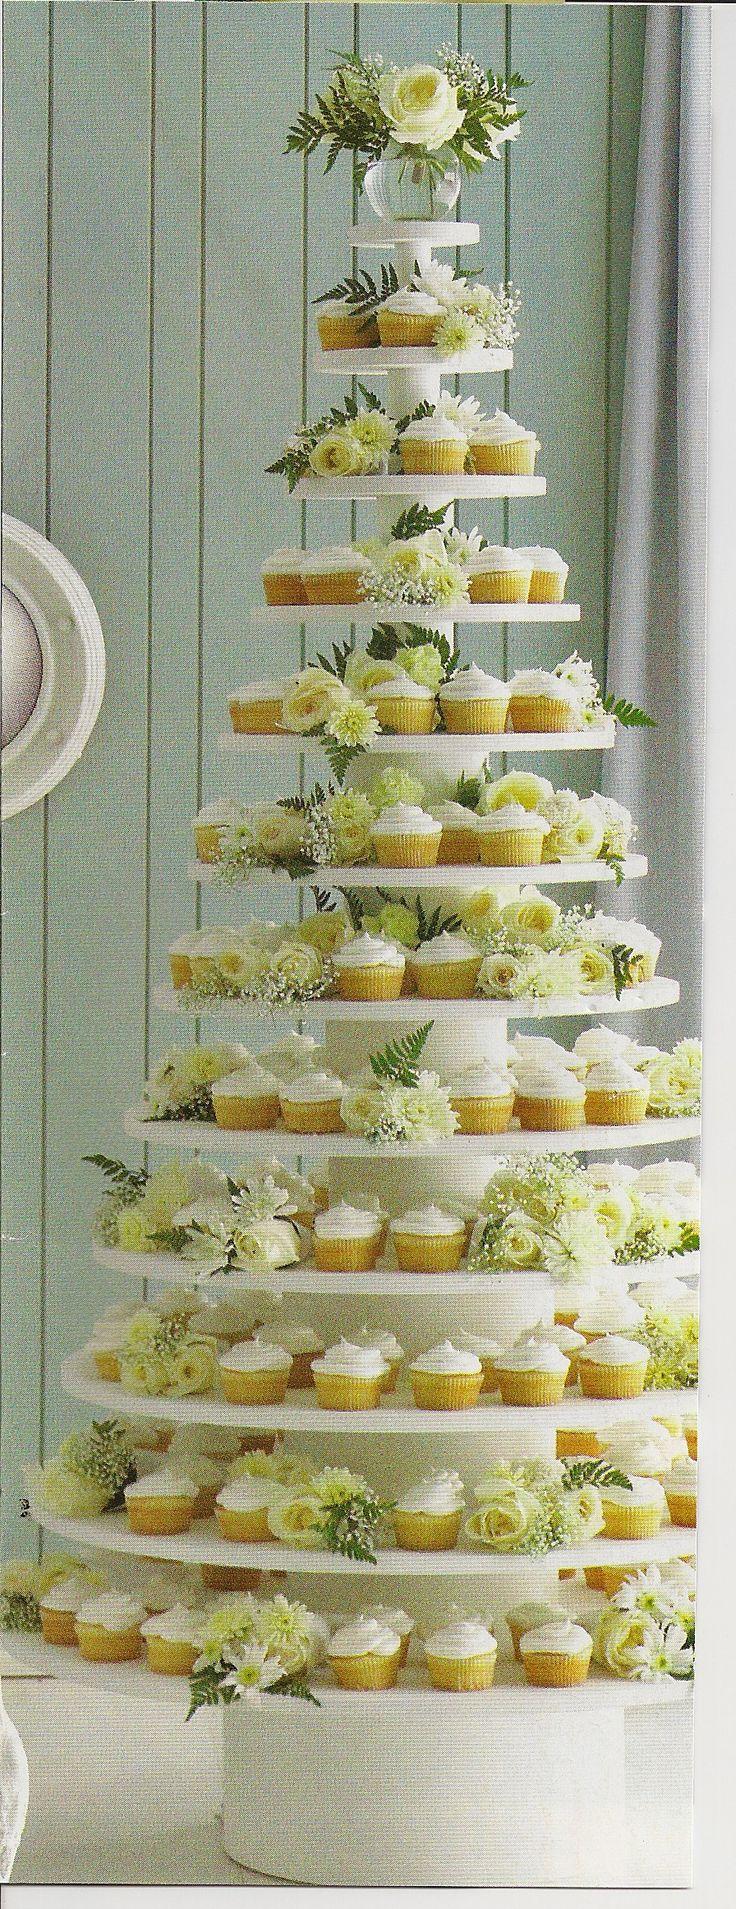 Yellow and White Cupcake Tower